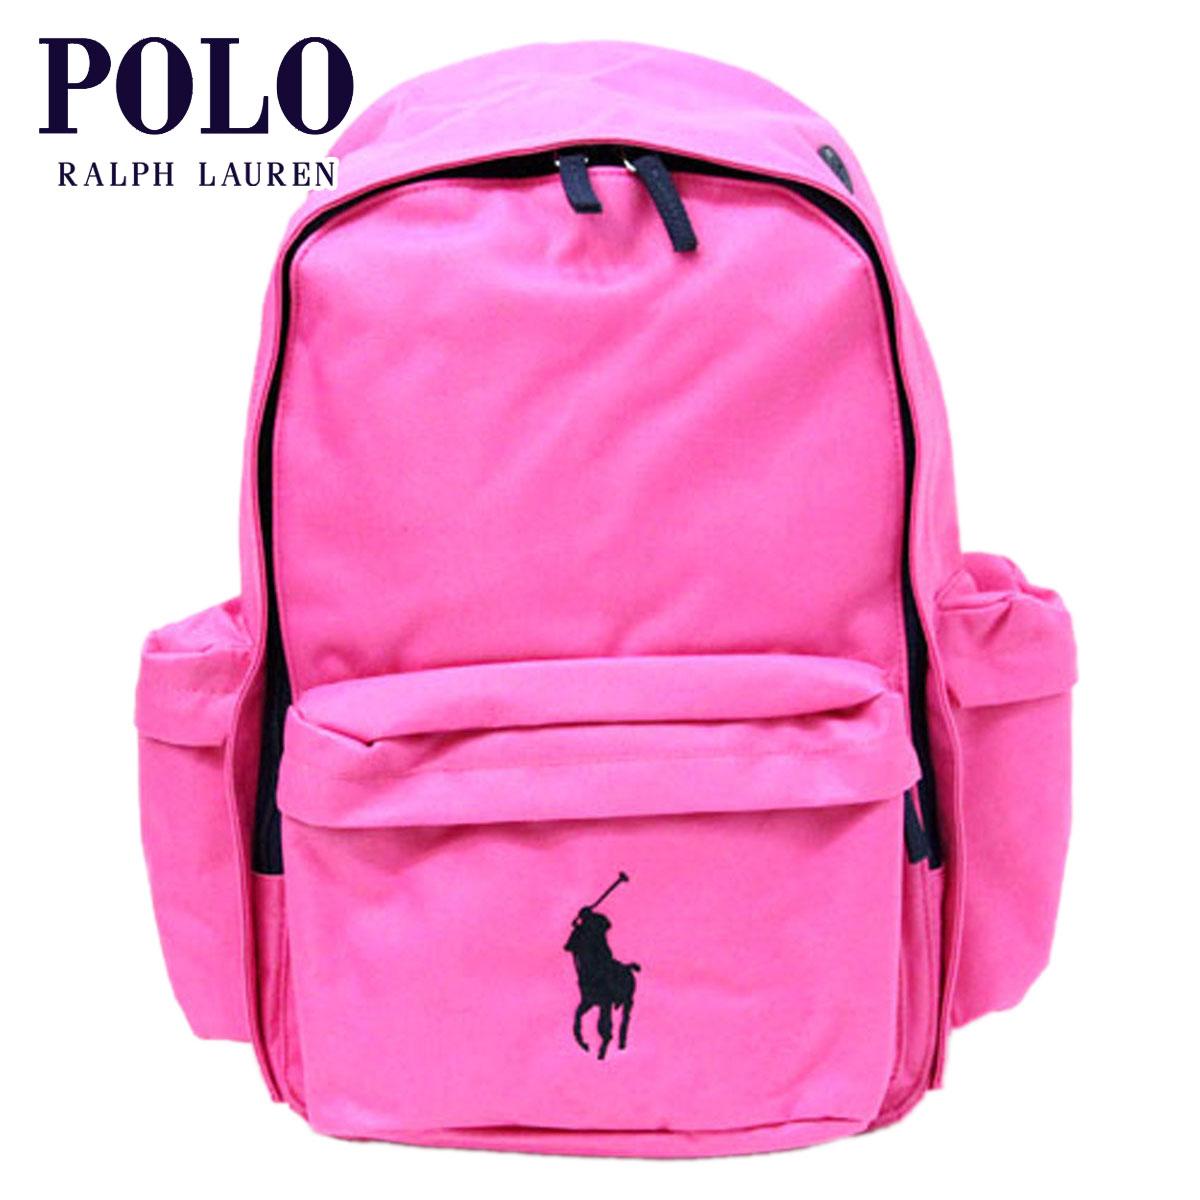 【販売期間 8/10 13:00~8/16 9:59】 ポロ ラルフローレン POLO RALPH LAUREN 正規品 バッグ BIG PONY School Backpack (H42.5*W28*D15.5cm)